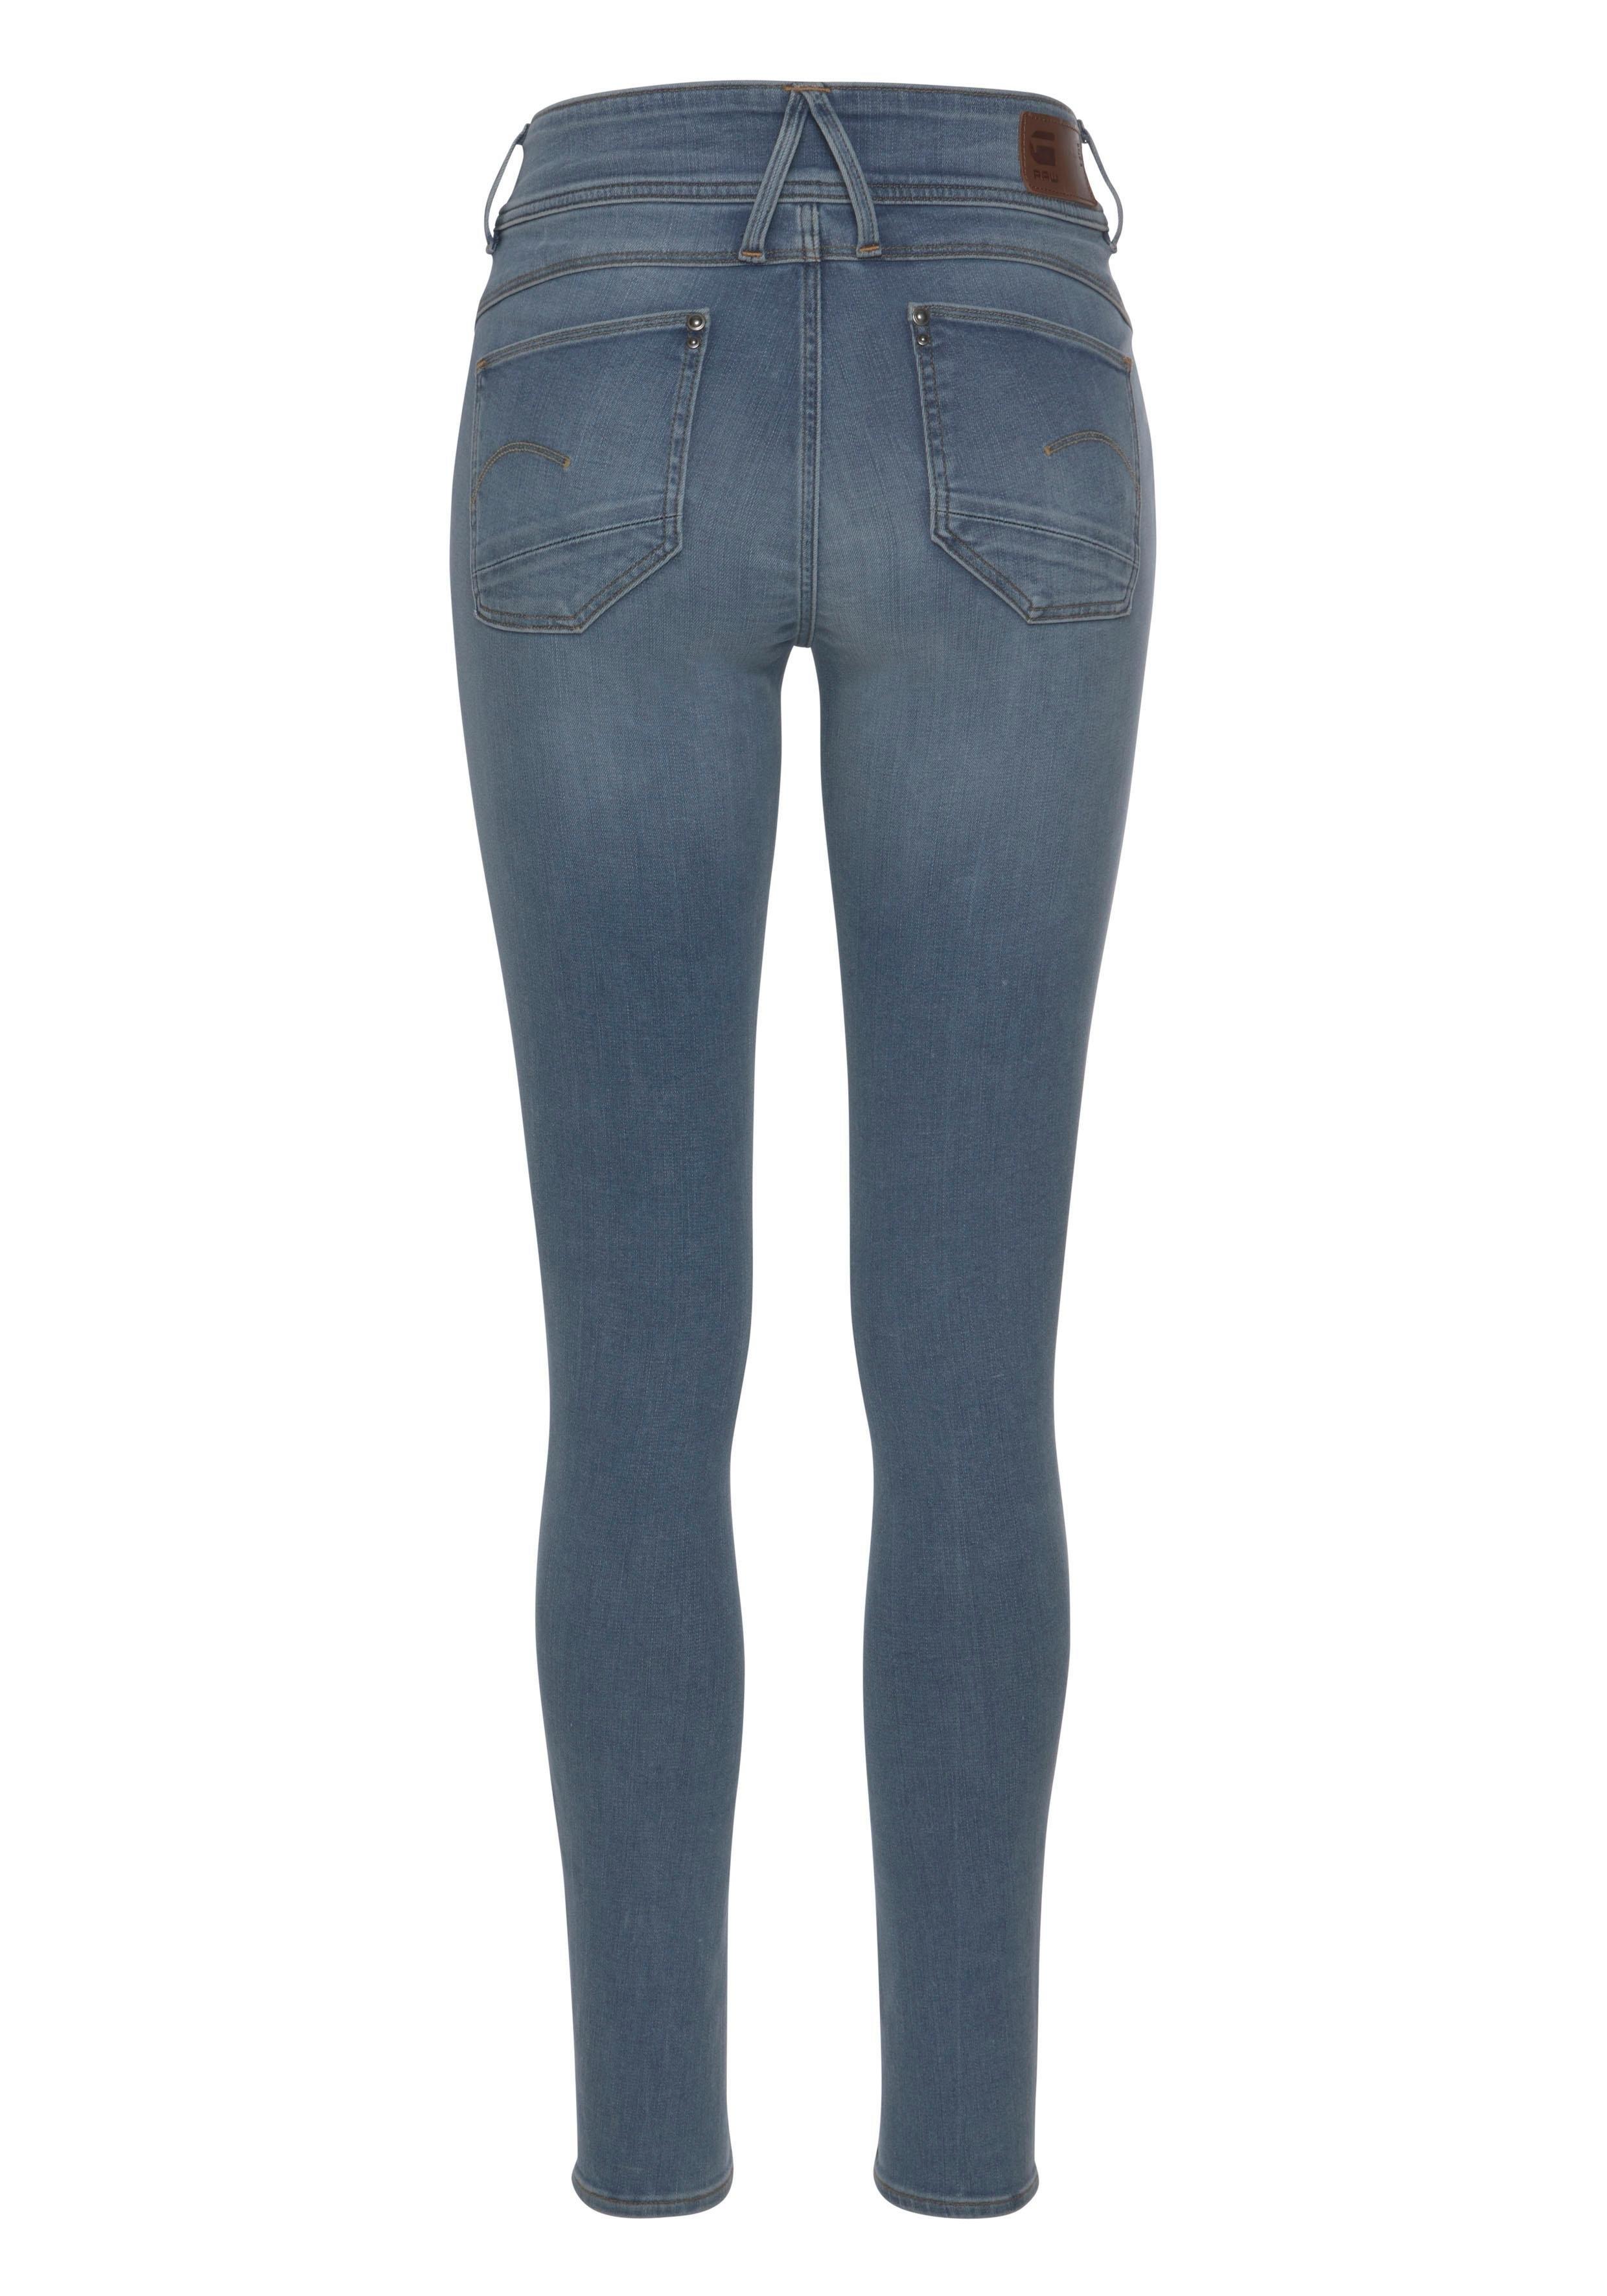 Korte Broek Dames Hoge Taille.Jeans Met Hoge Taille Koop Je Bij Otto Groot Assortiment